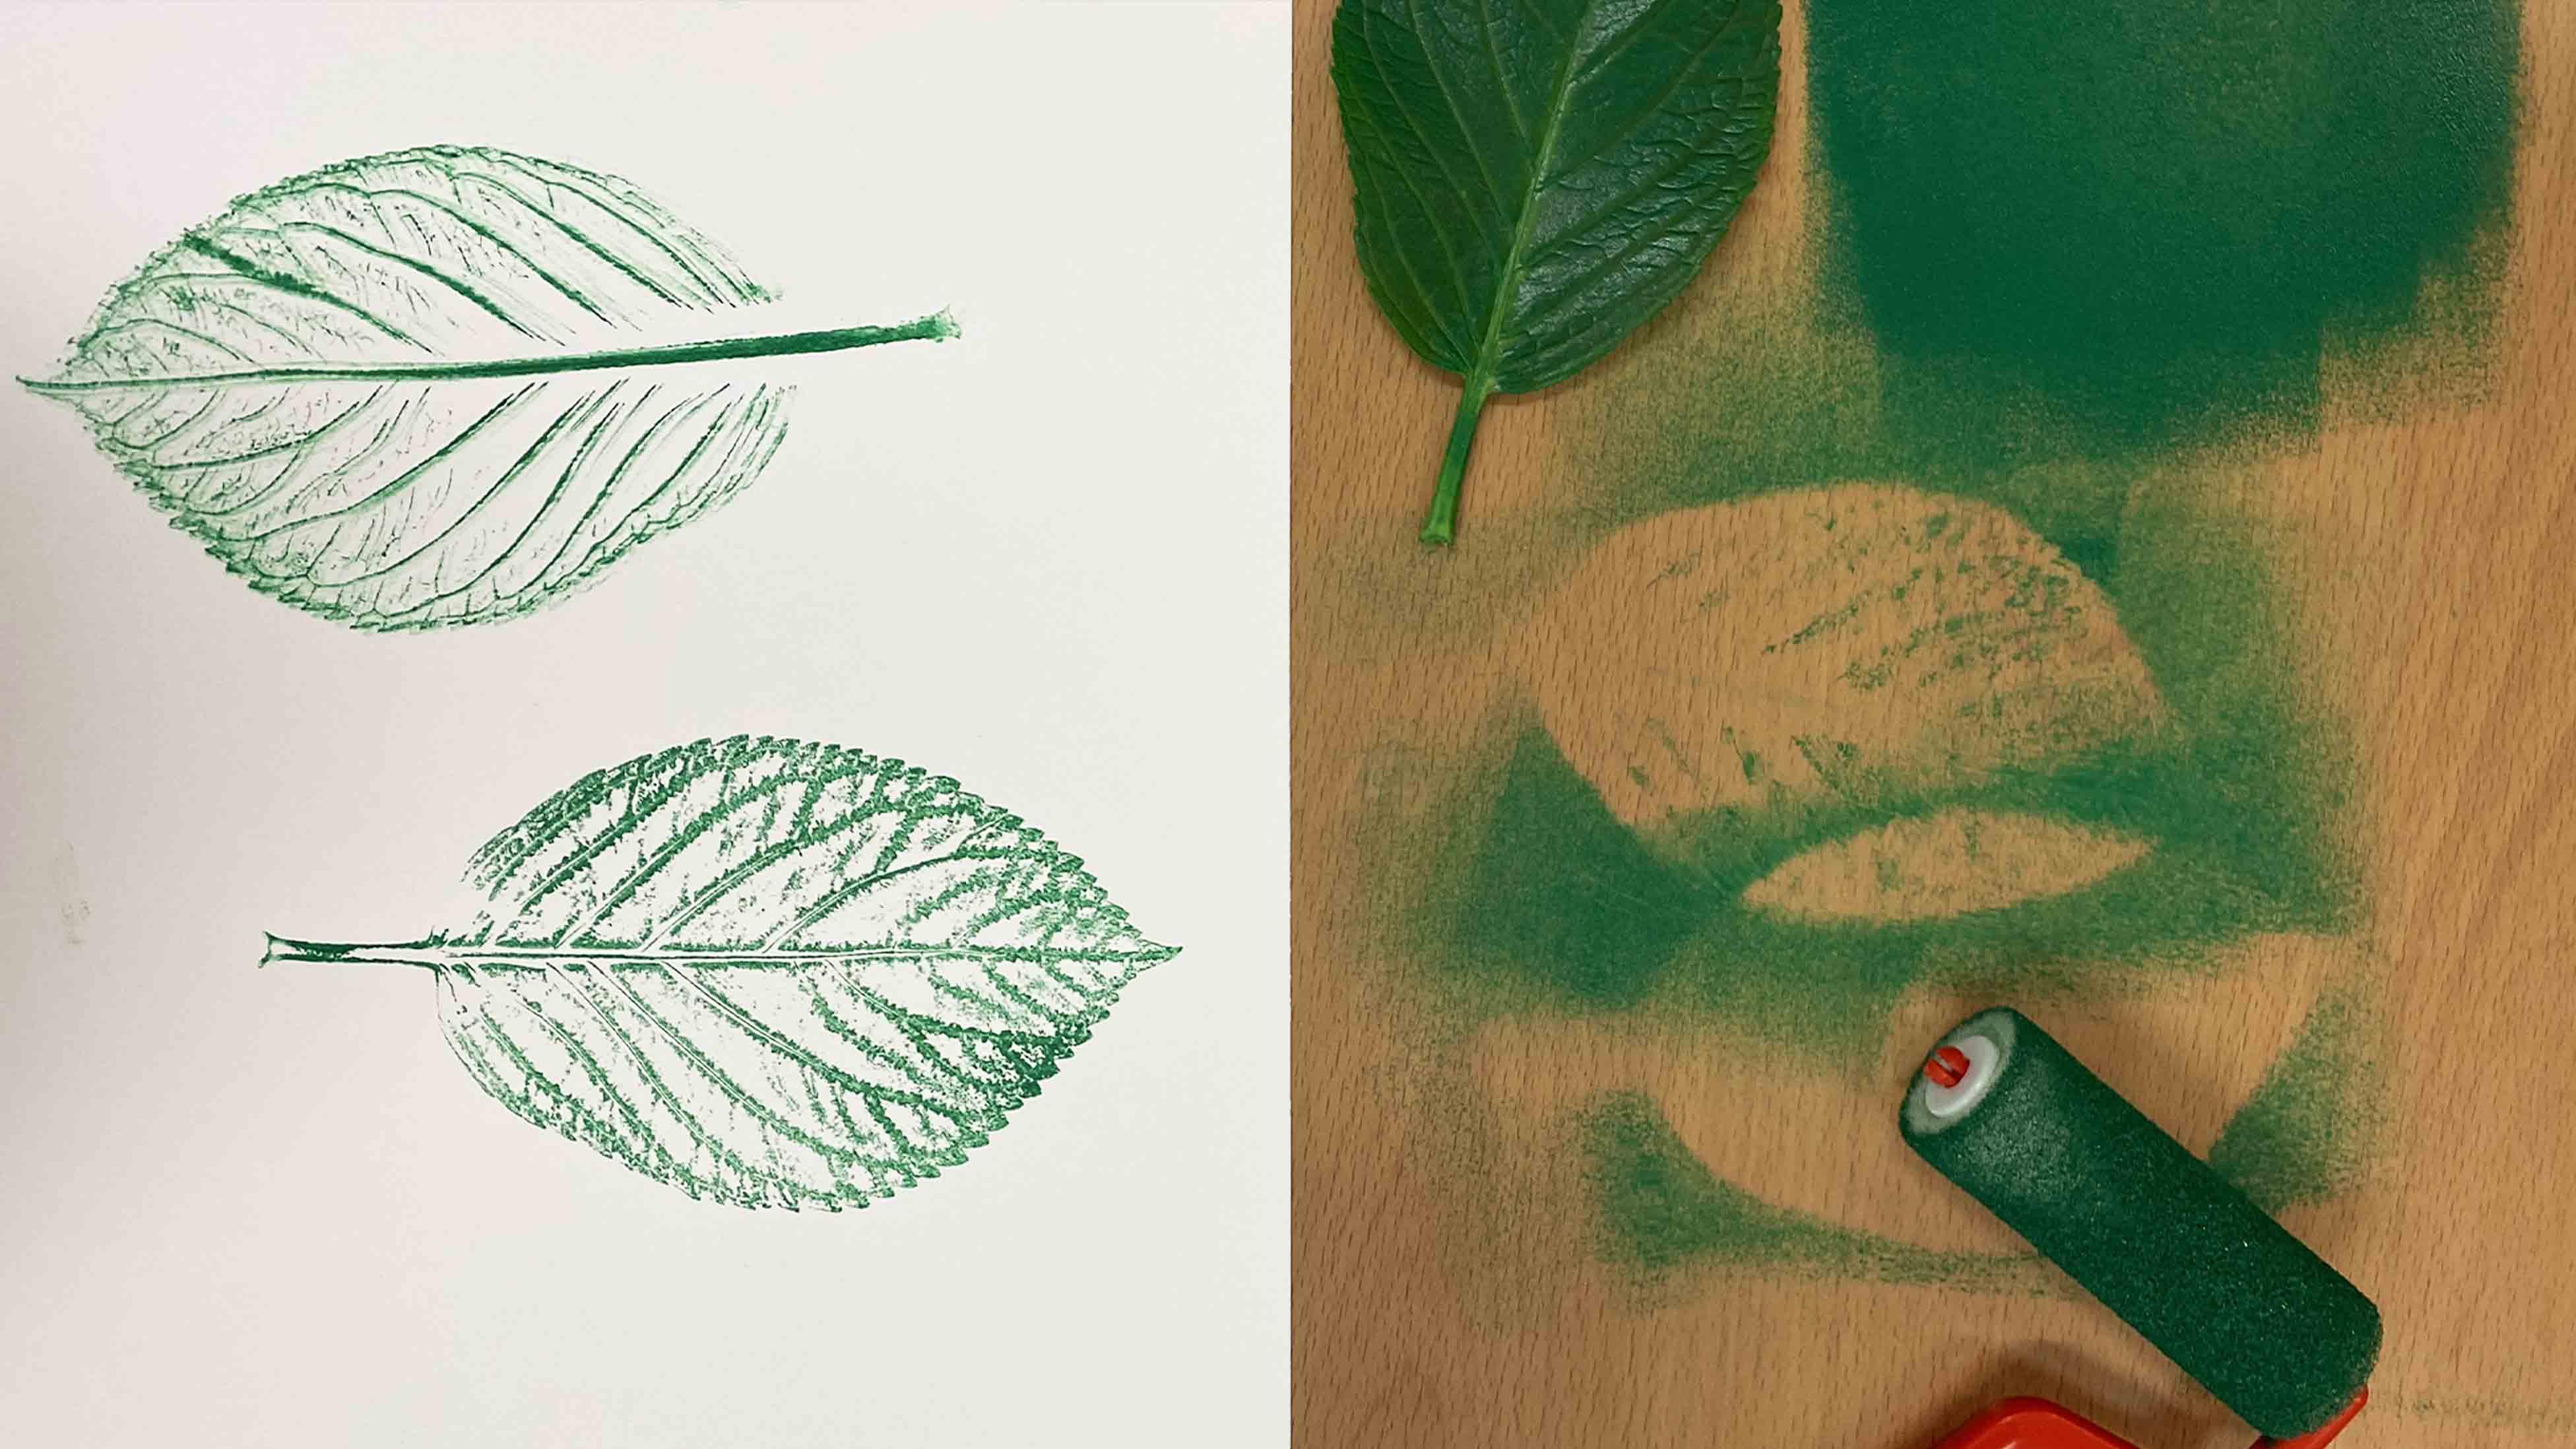 Leaf printed with ink